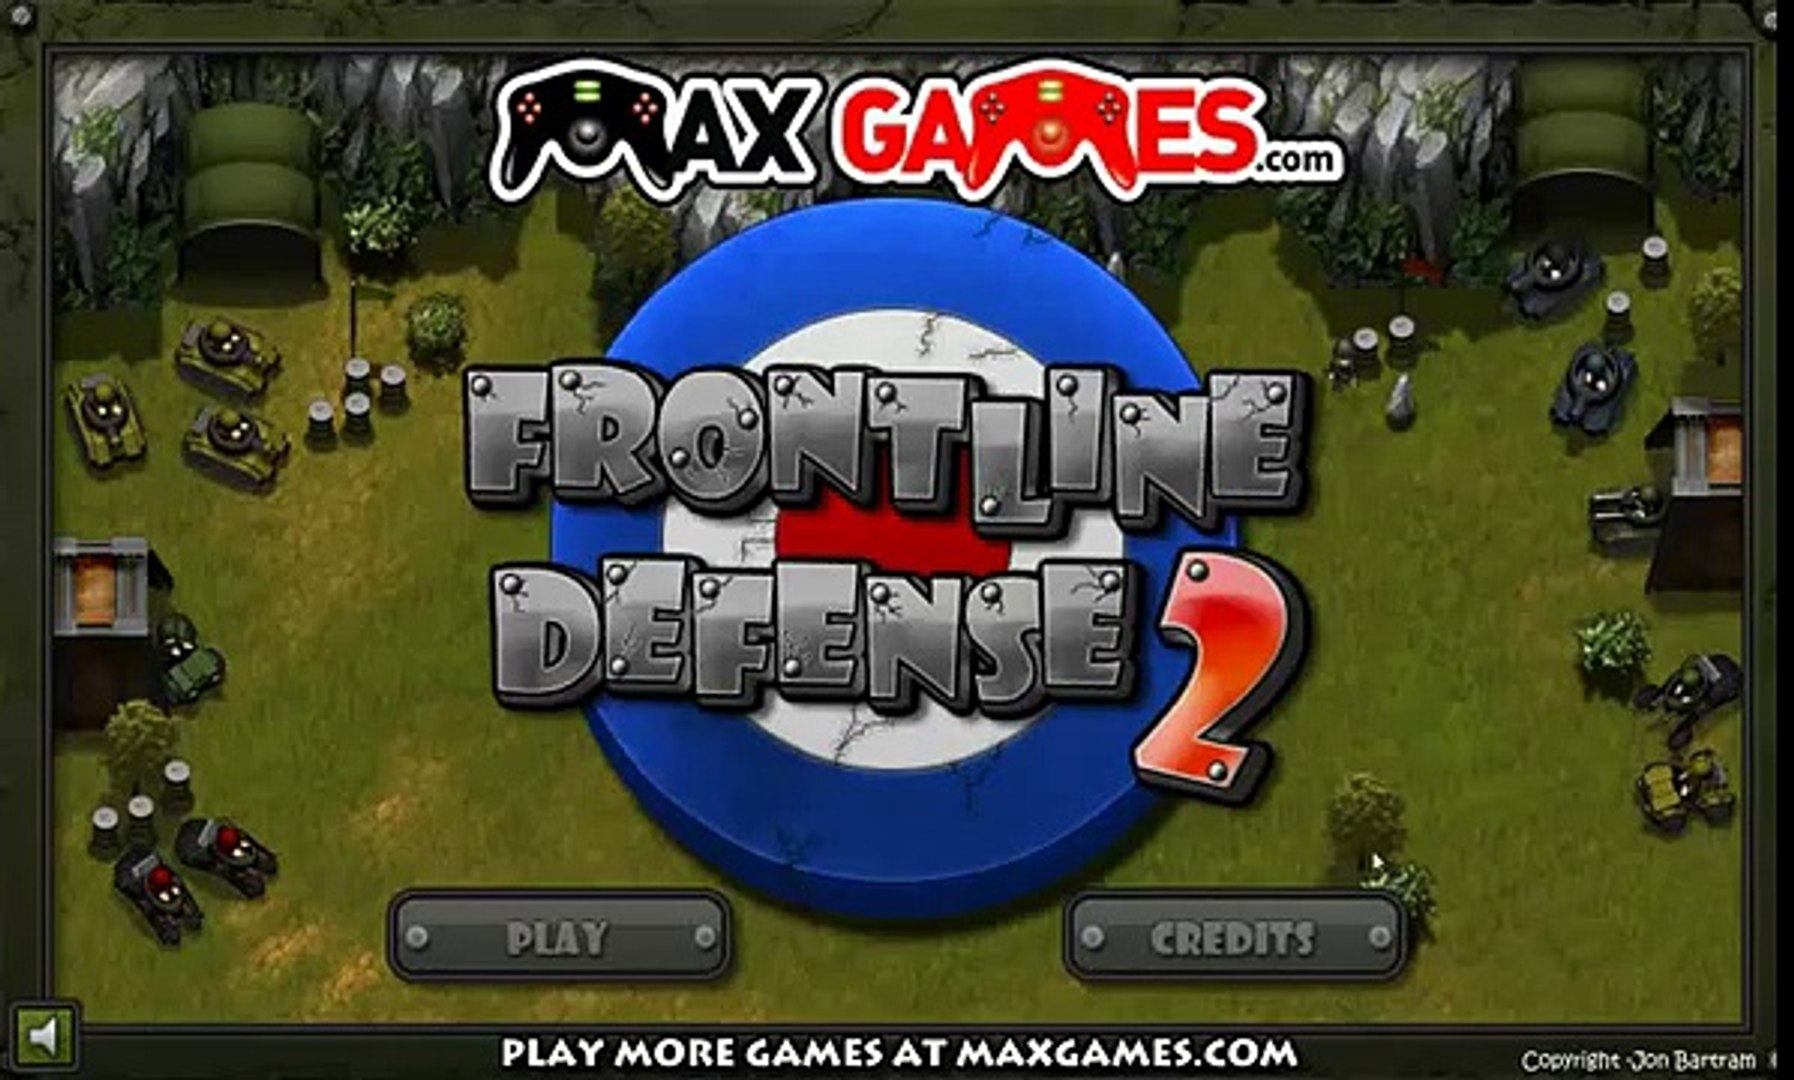 Линия защиты 2 | Frontline Defense 2